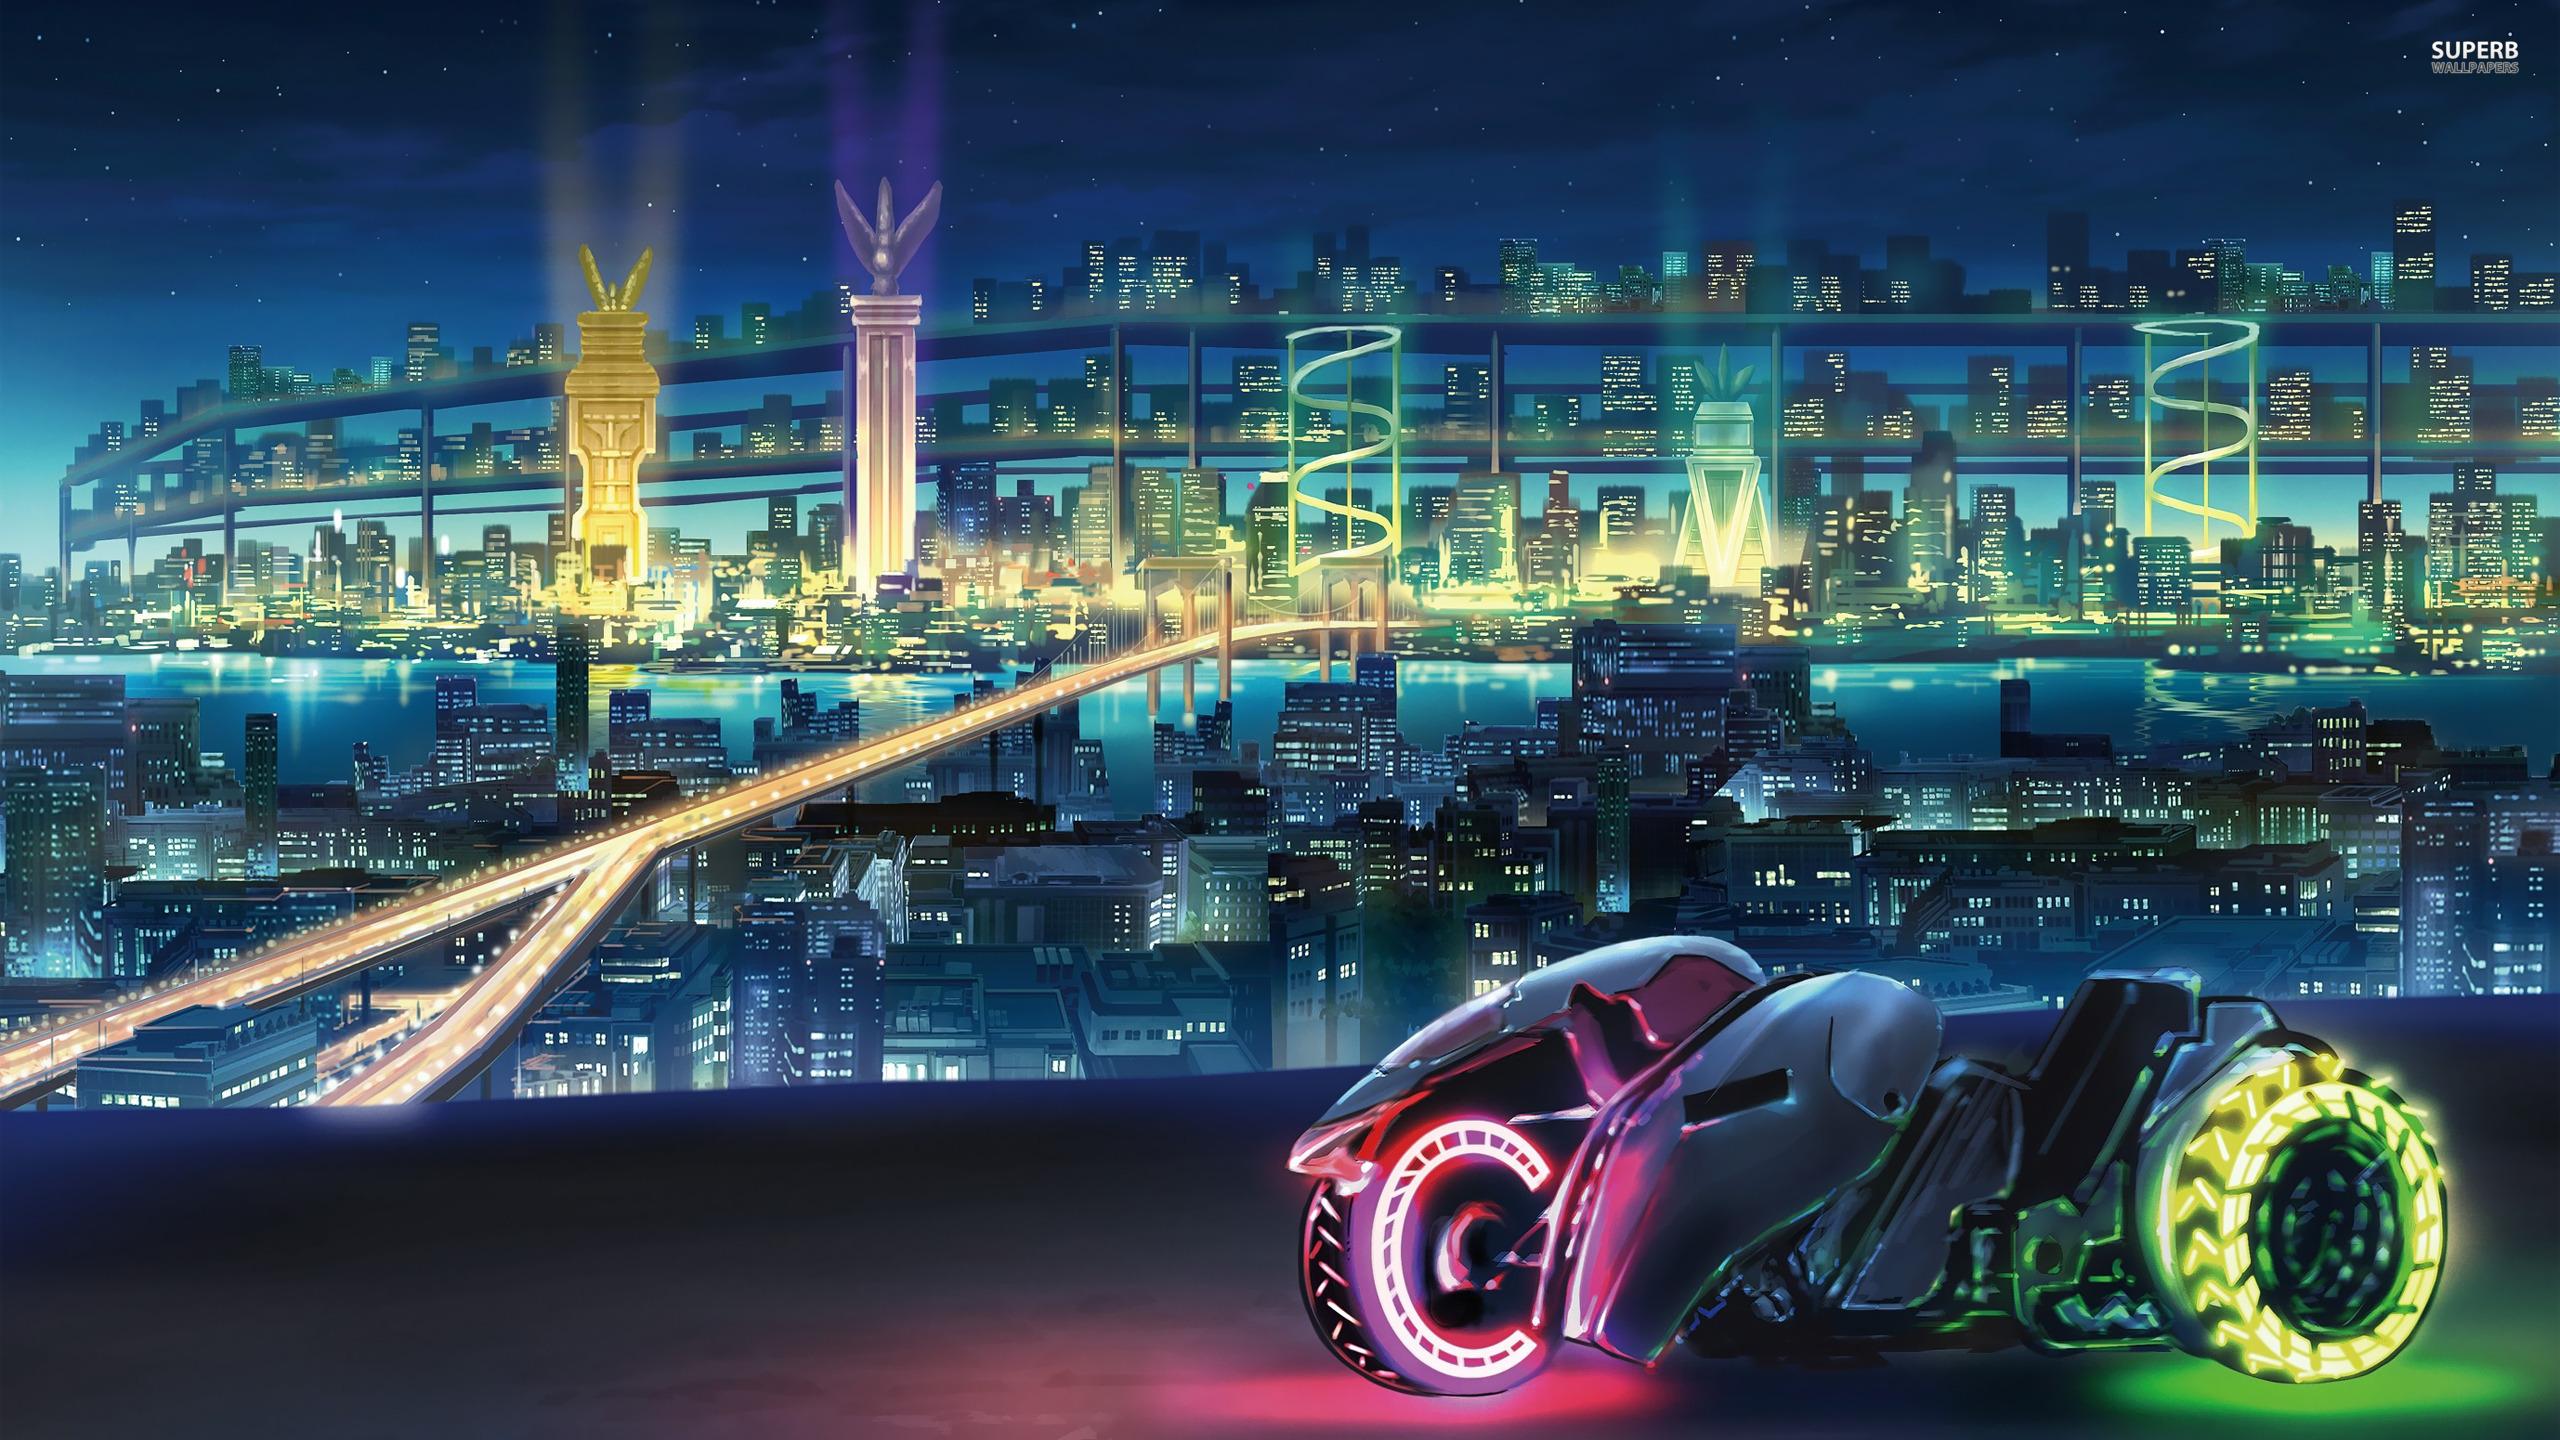 Drawn wallpaper cityscape Futuristic futuristic Drawing Google cityscape